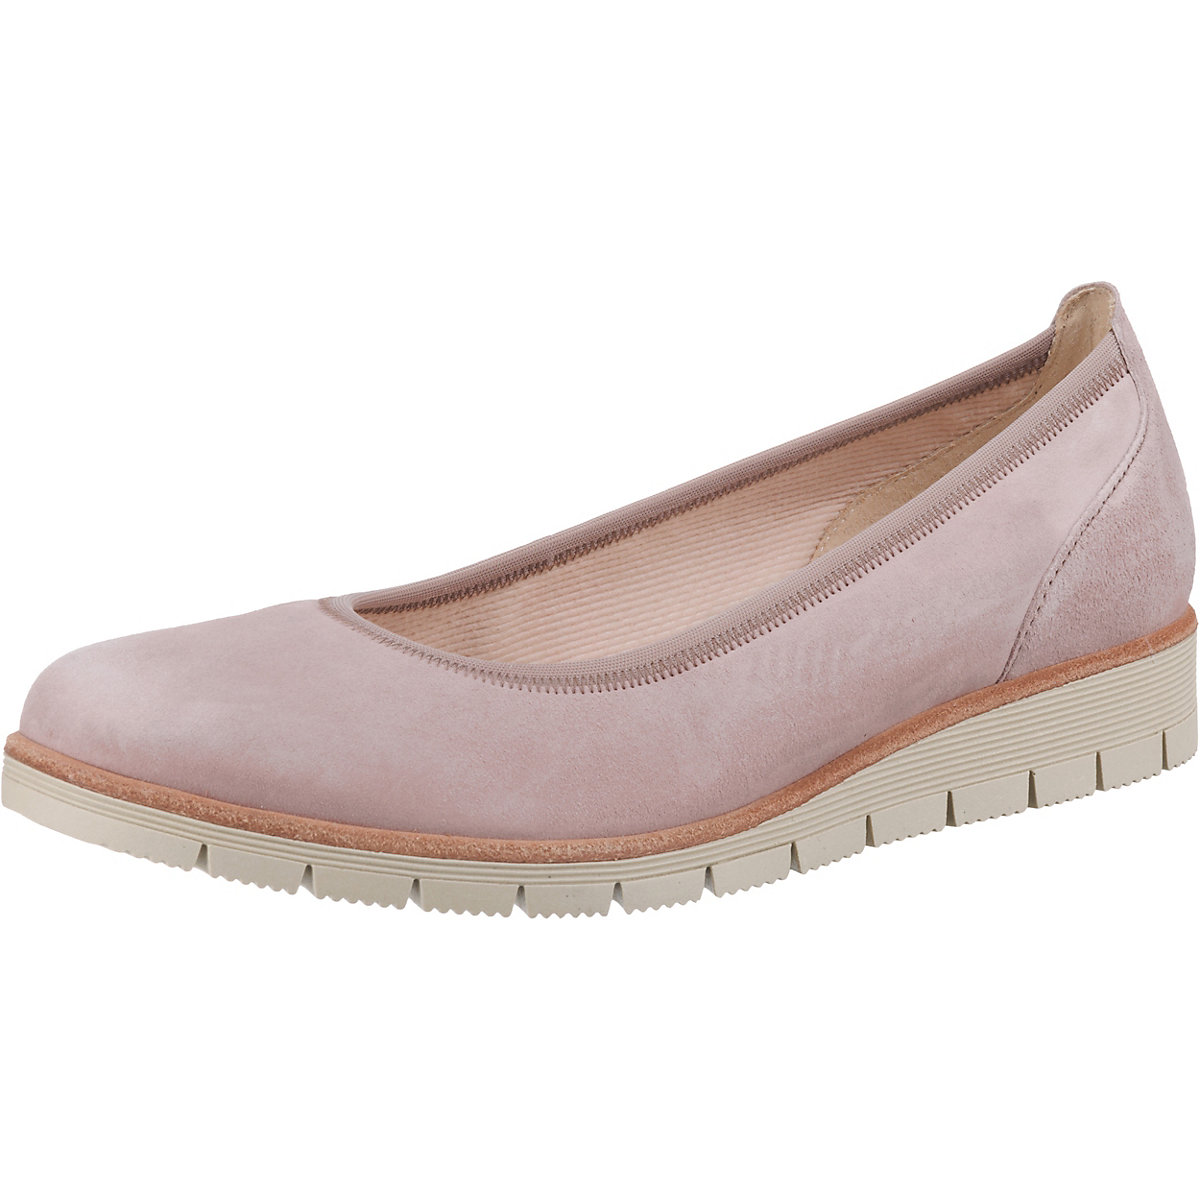 Gabor, Klassische Ballerinas, mehrfarbig  Gute Qualität beliebte Schuhe